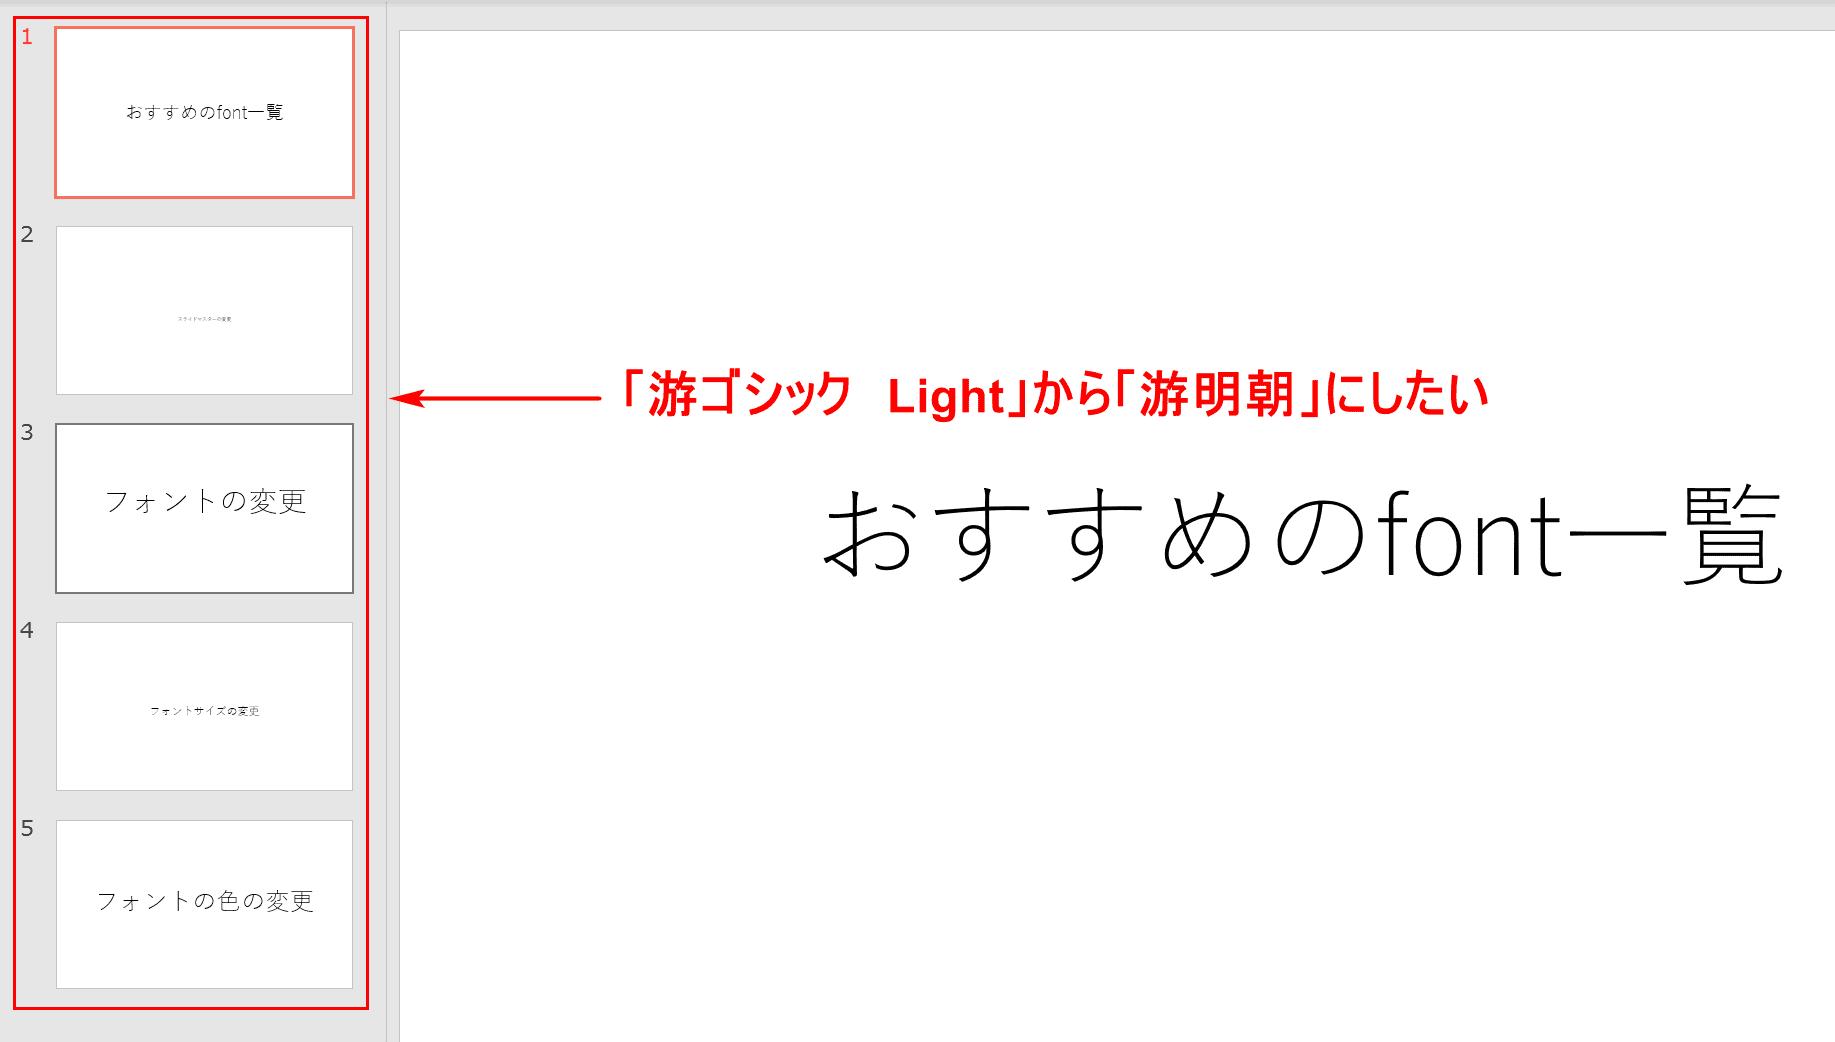 游ゴシック Light